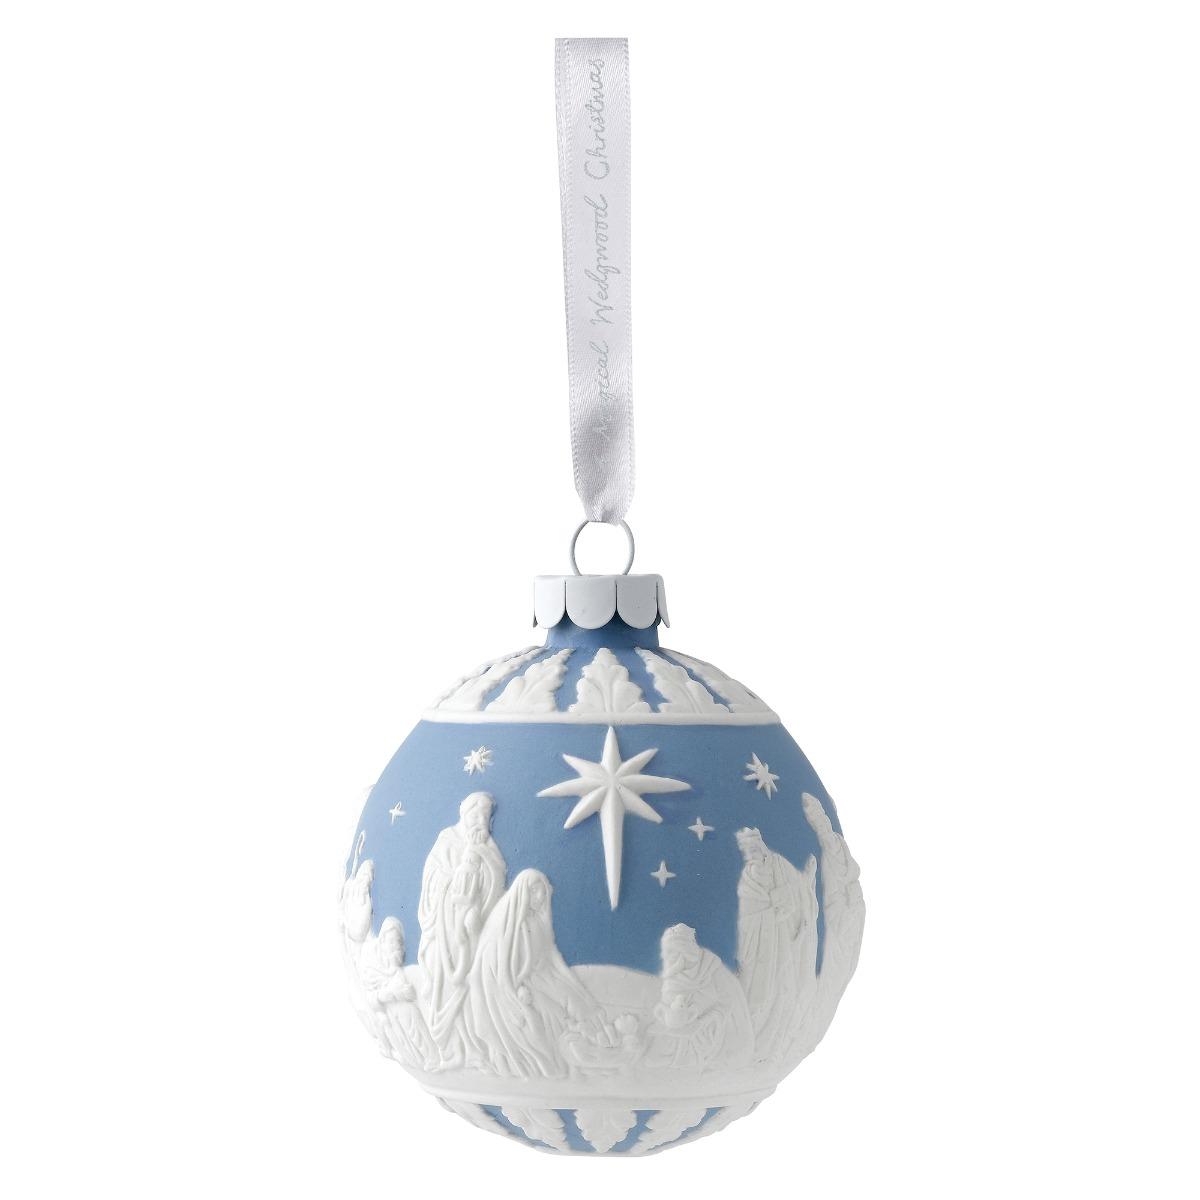 Wedgwood nativity decoration